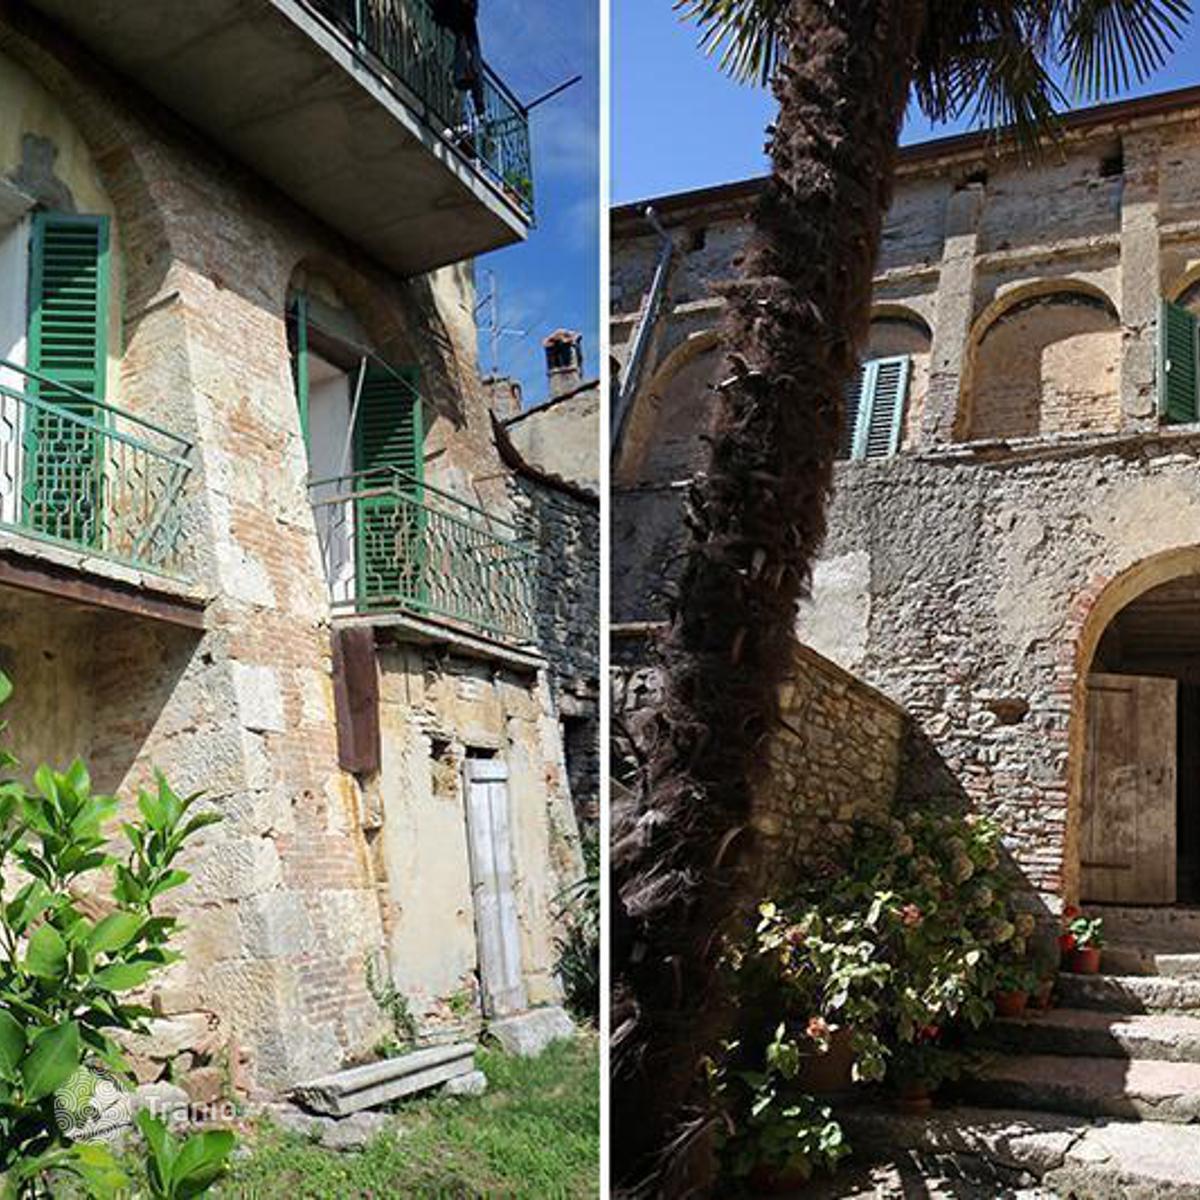 Listing 1208770 in san casciano dei bagni tuscany italy - San casciano di bagni ...